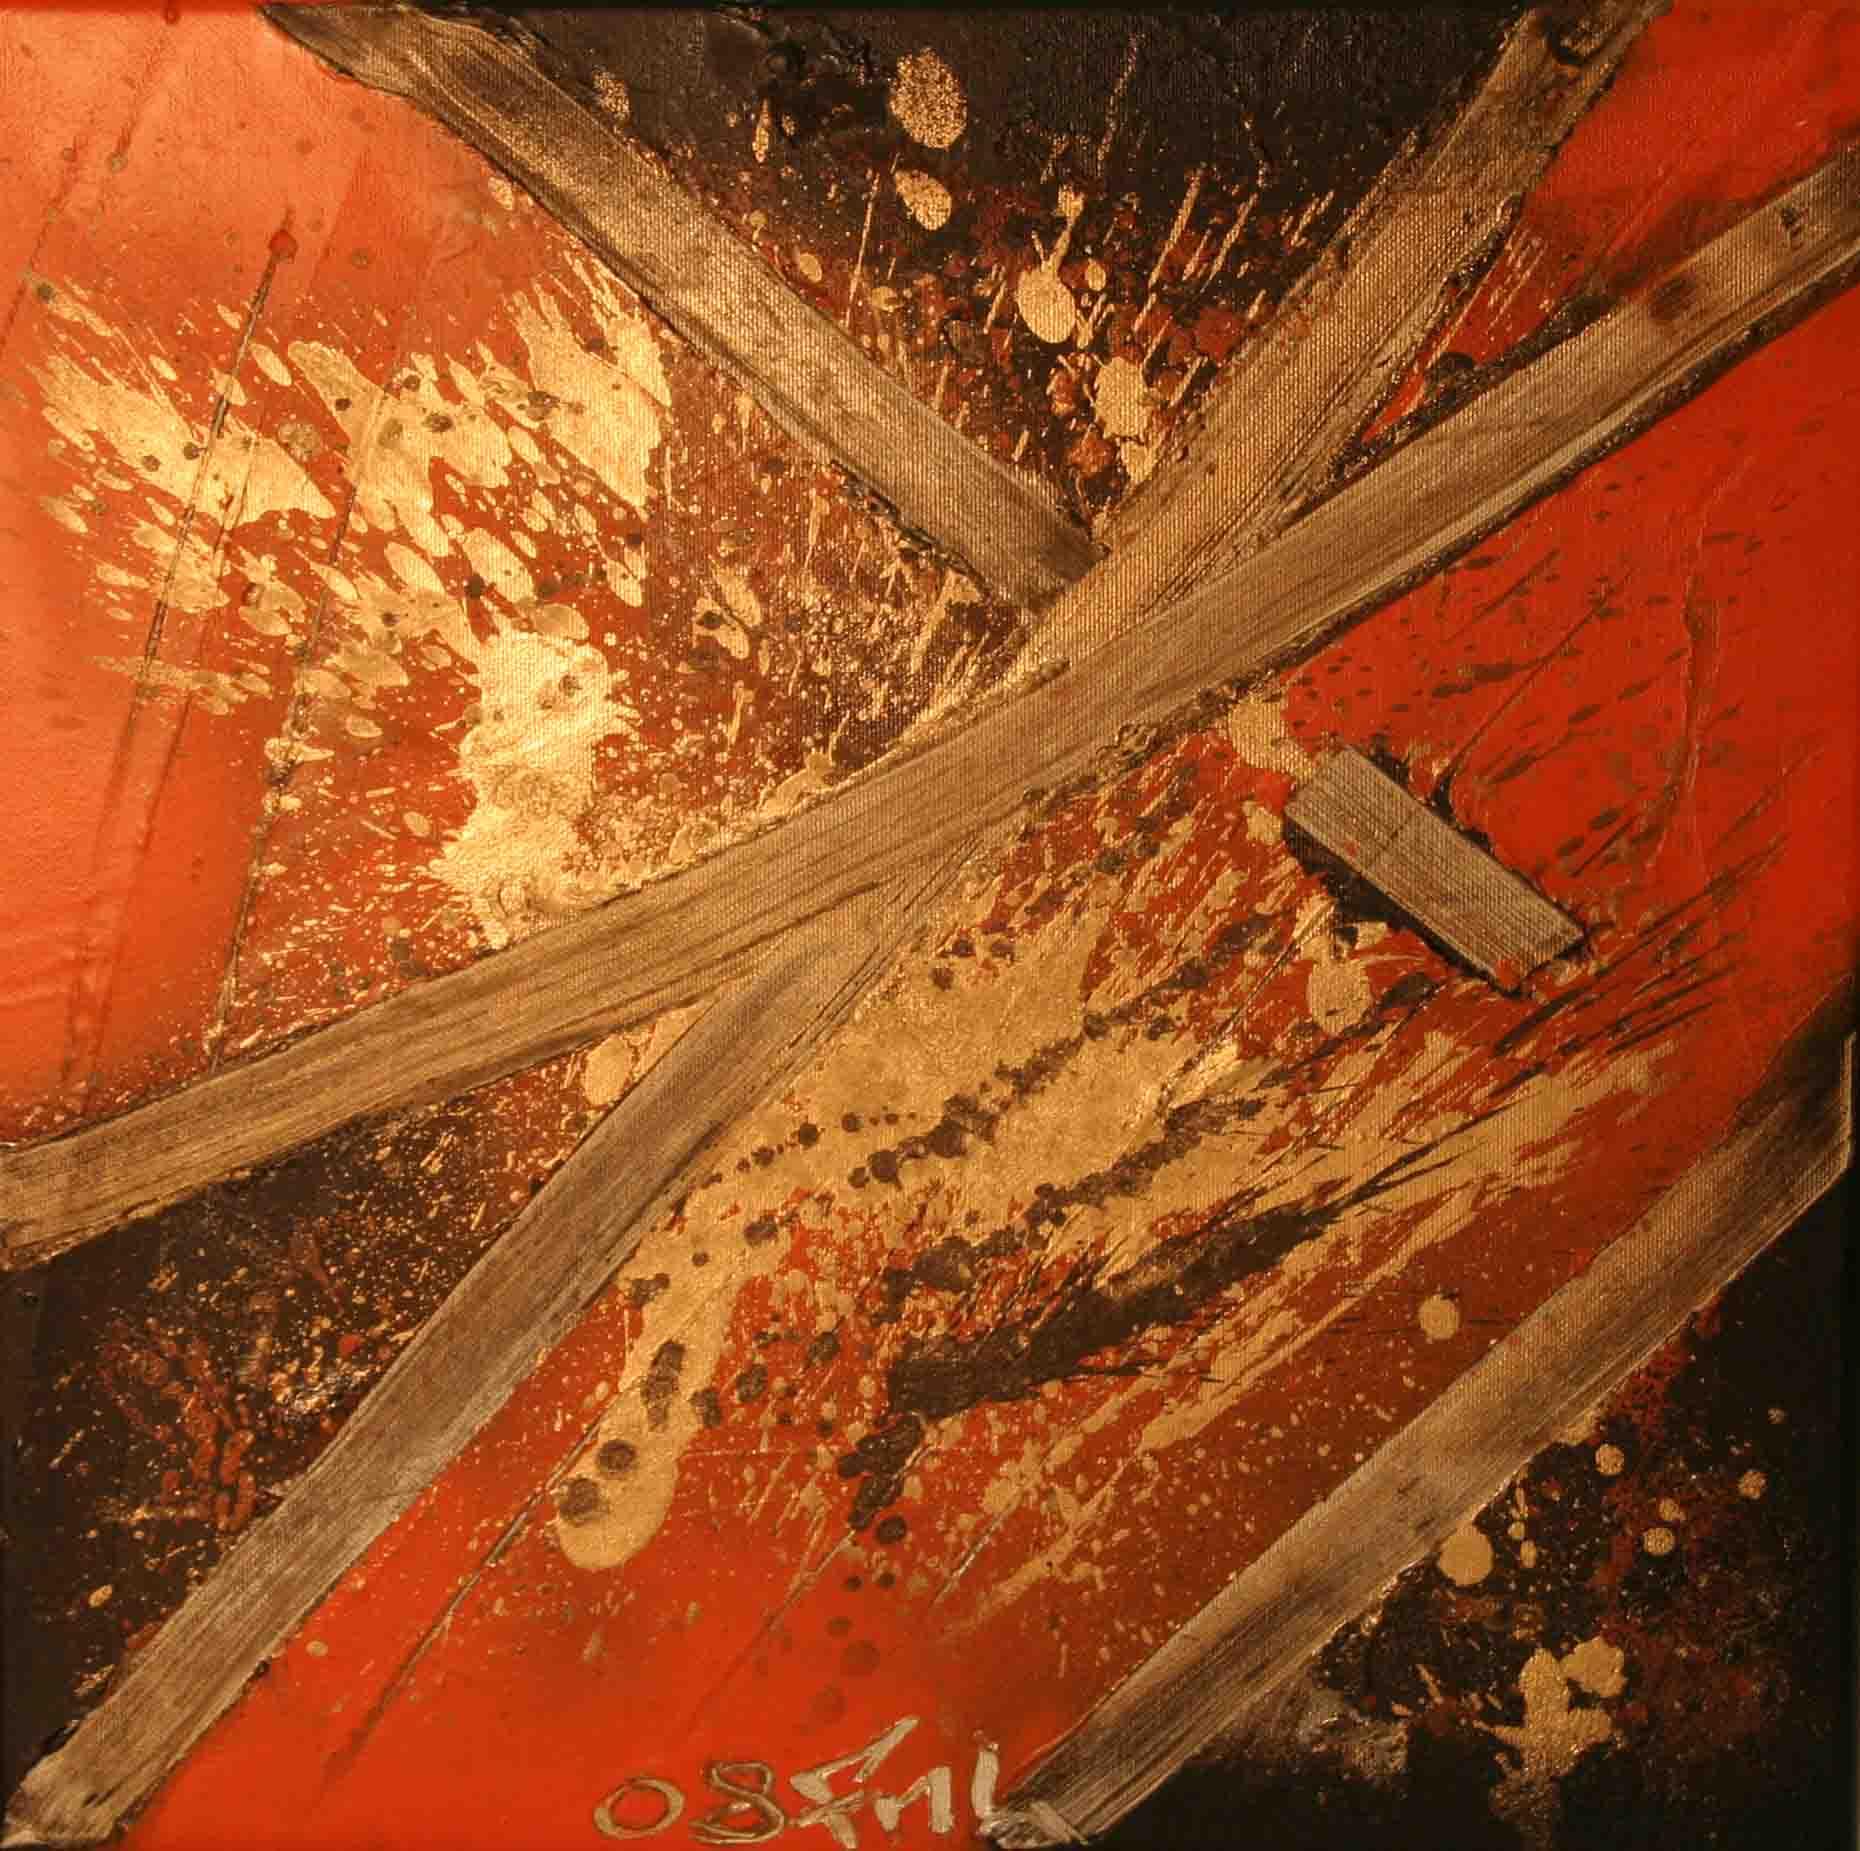 tableau abstrait cconfrontation positive en doré noir et orange